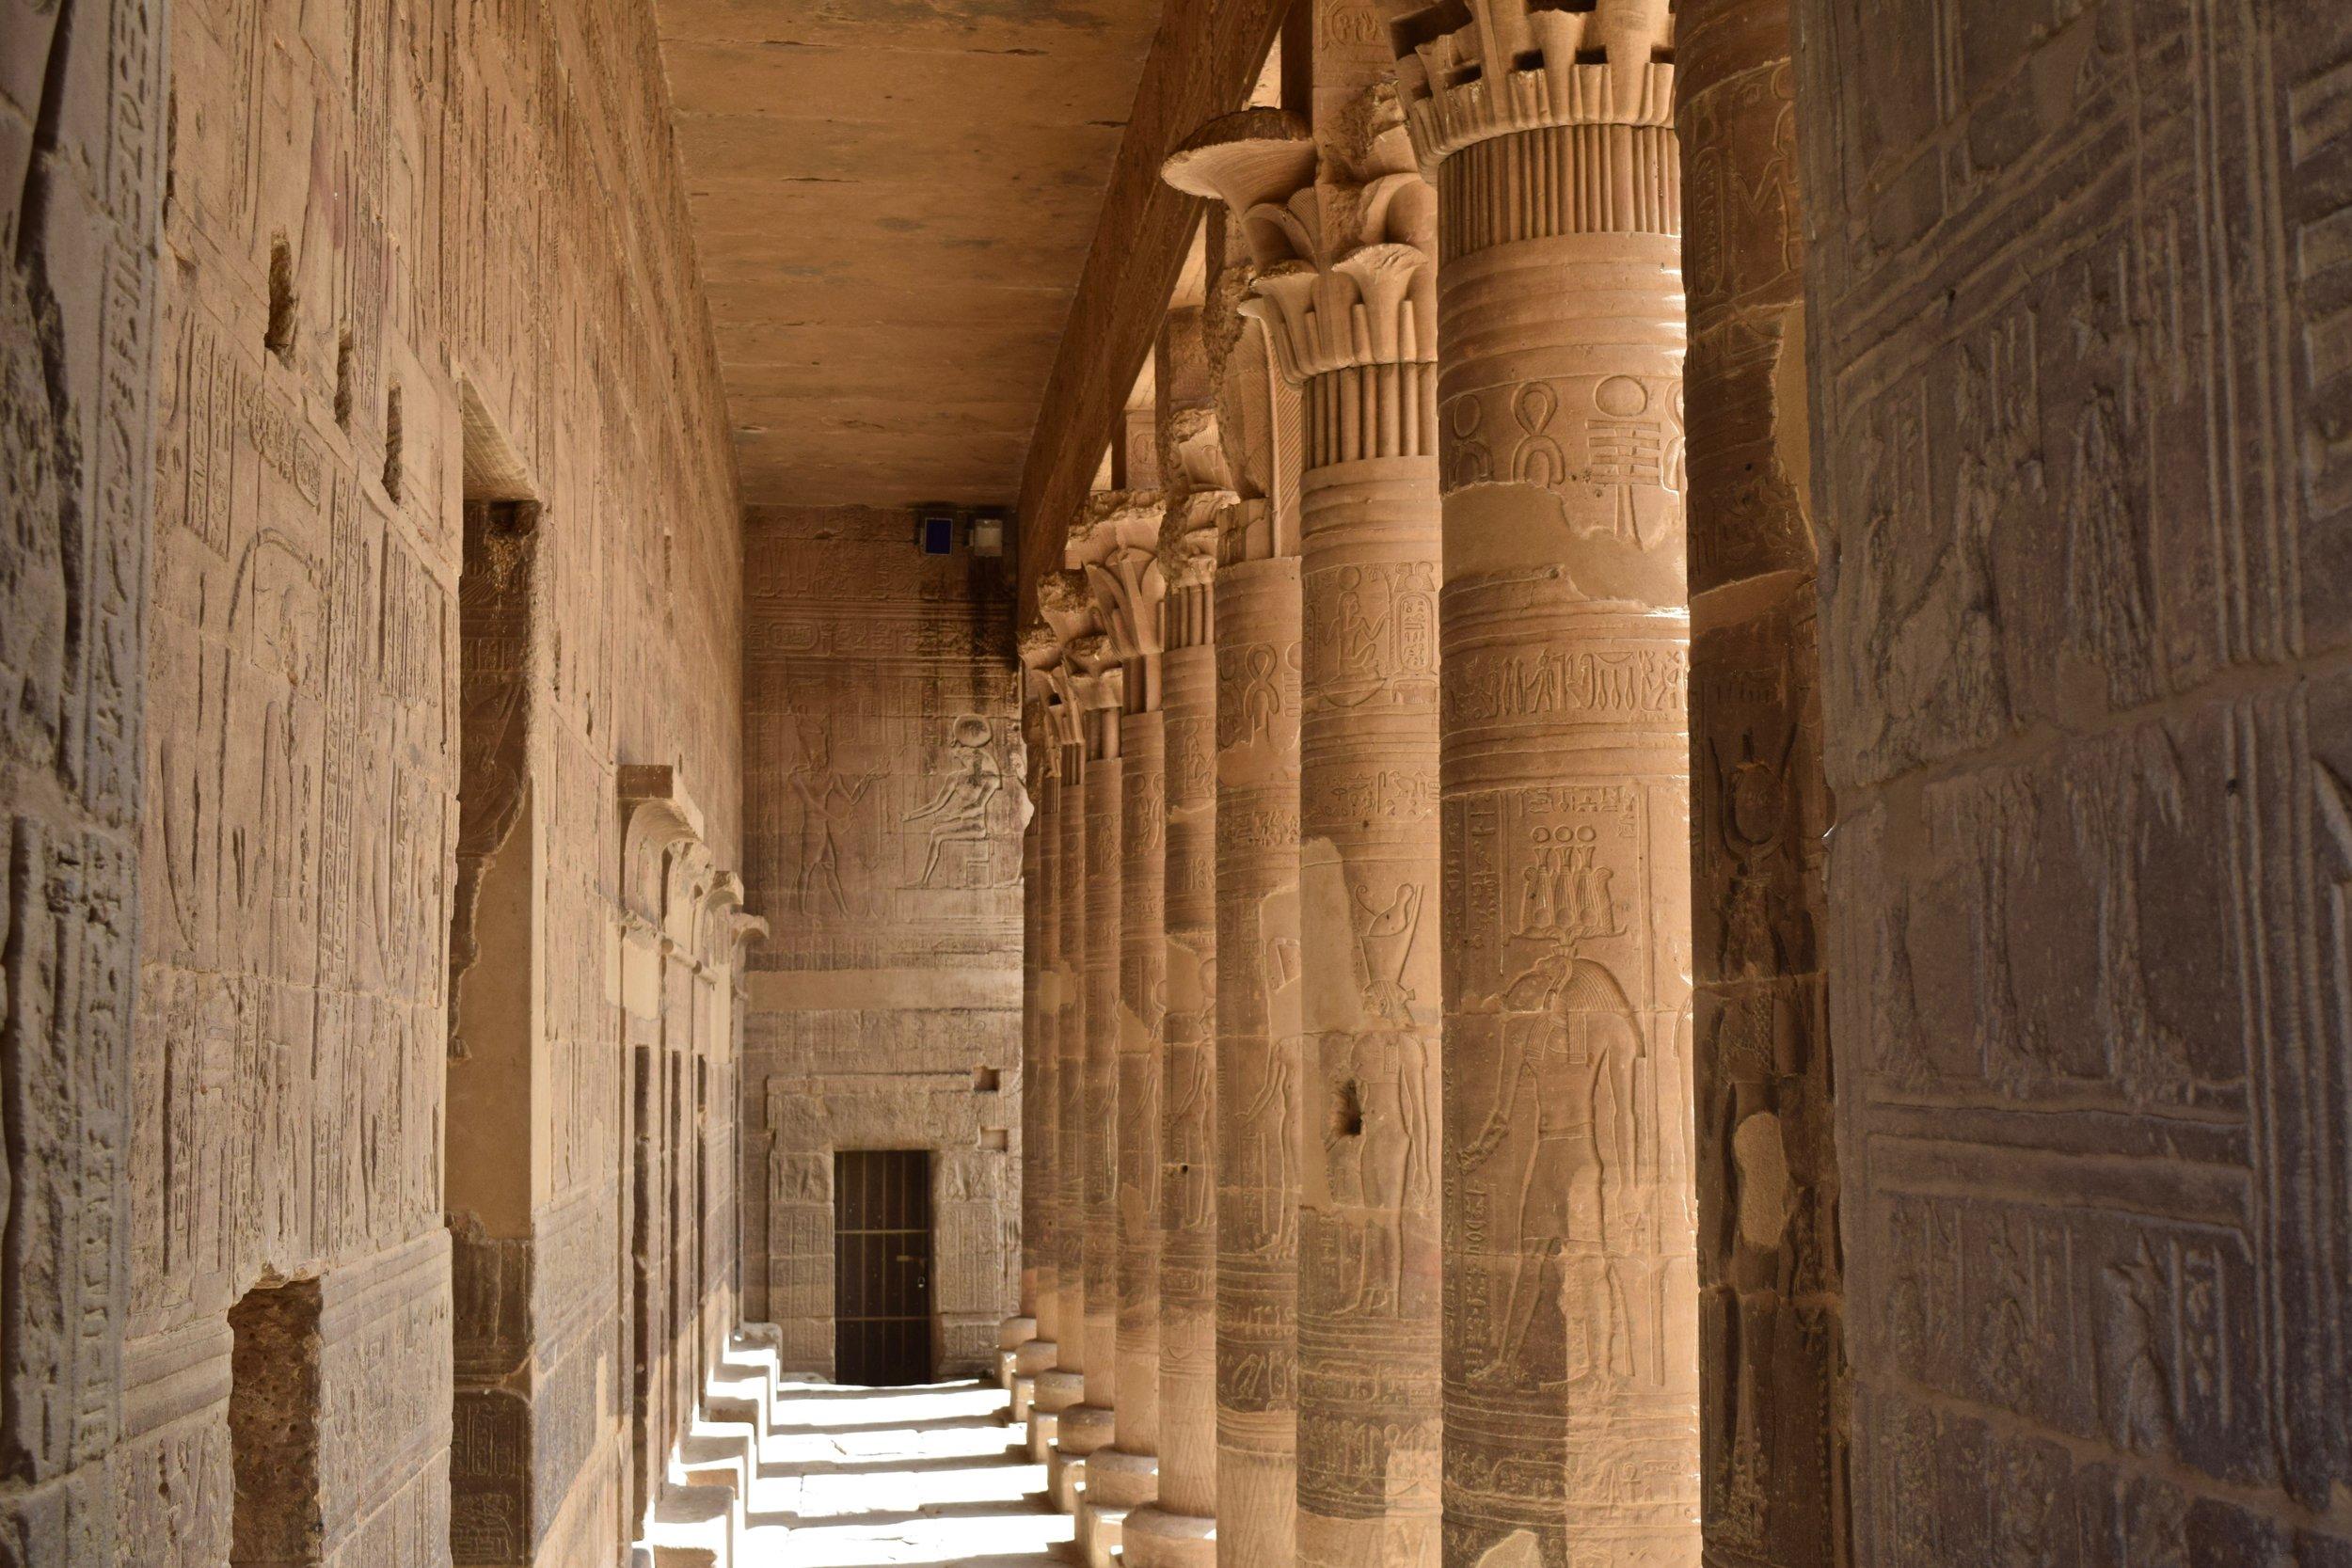 Carved columns